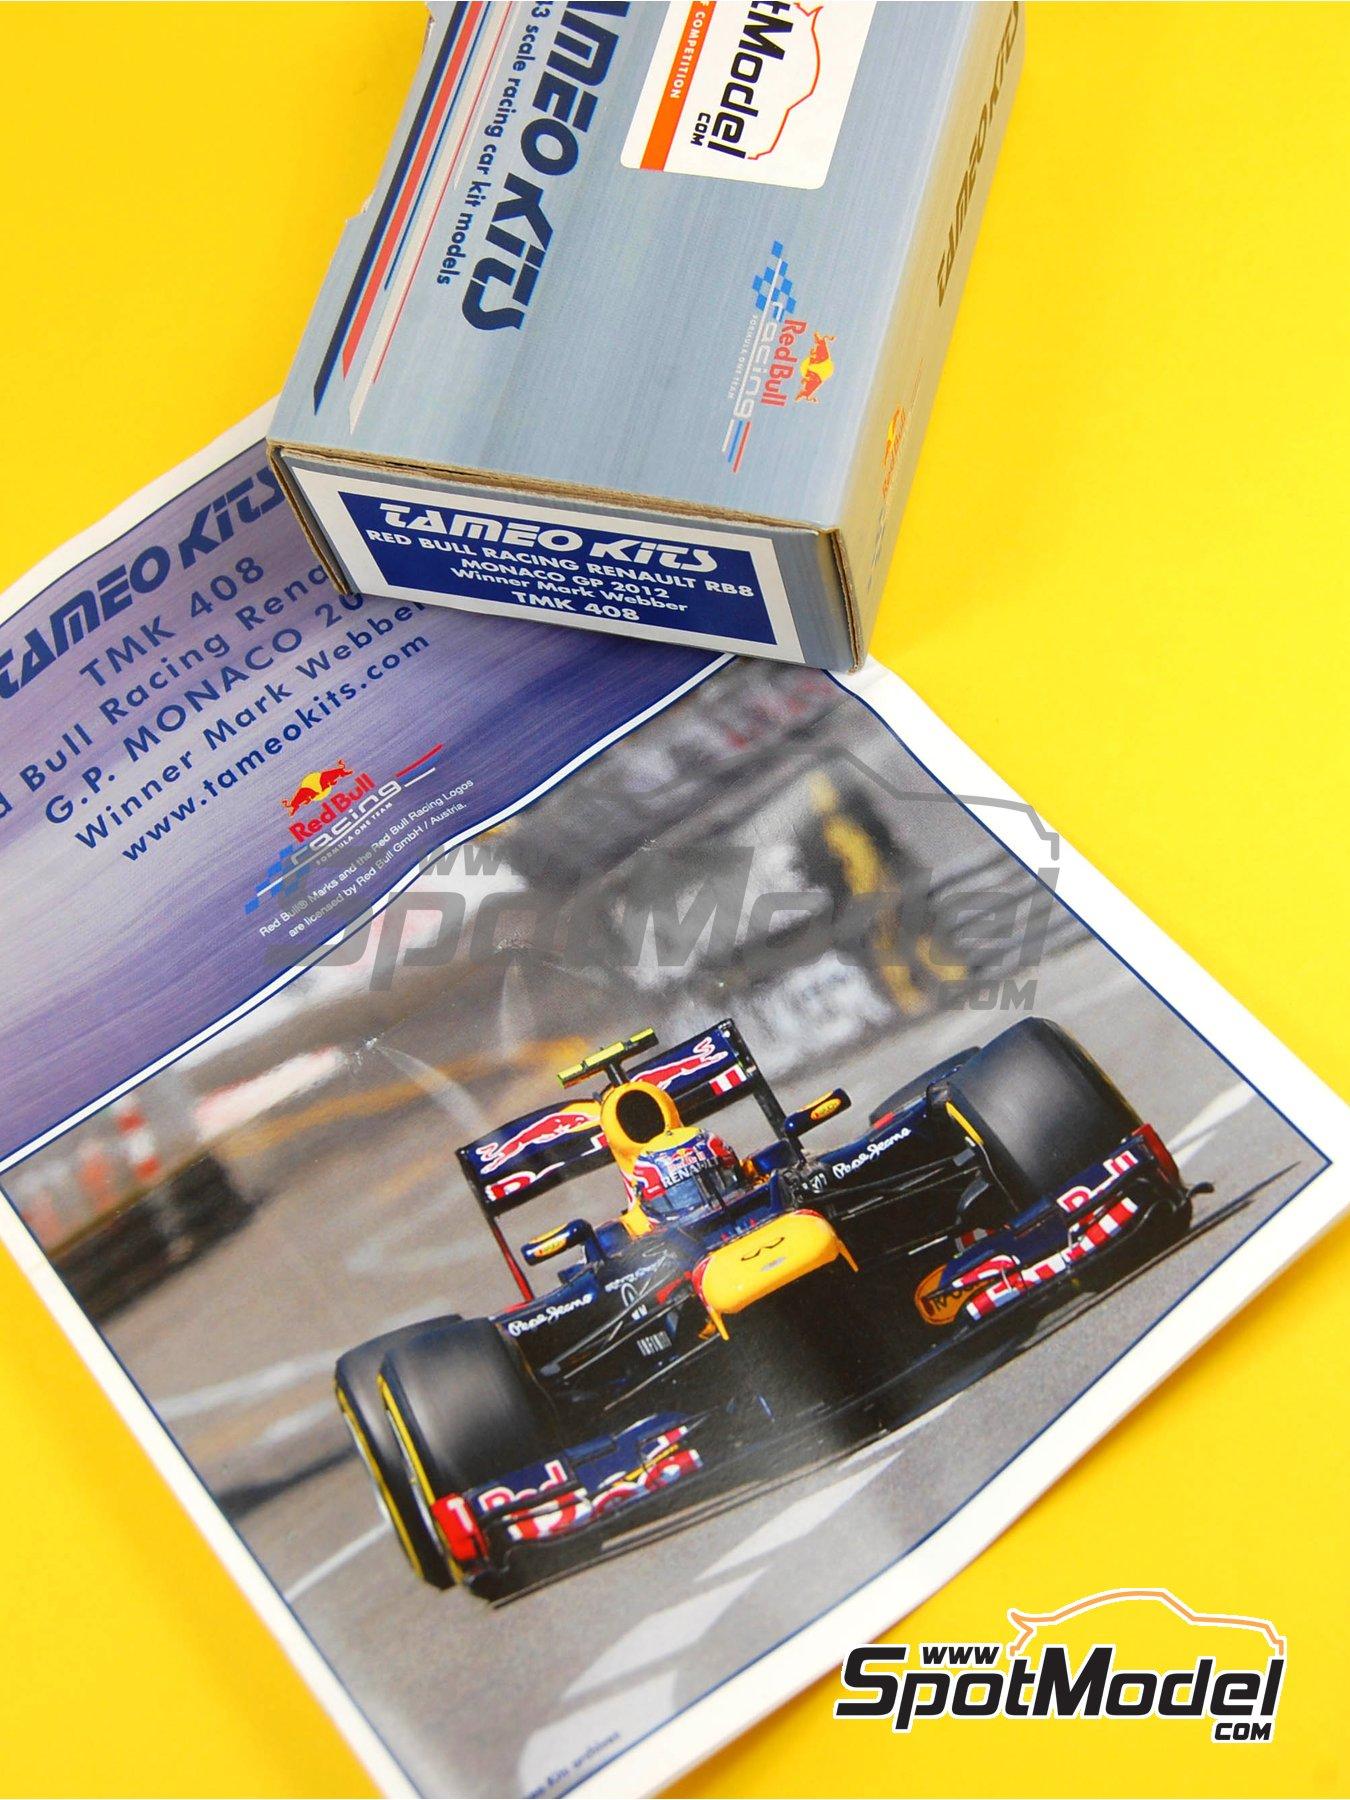 RB Racing Renault RB8 - Gran Premio de Formula 1 de Mónaco 2012   Maqueta de coche en escala1/43 fabricado por Tameo Kits (ref.TMK408) image